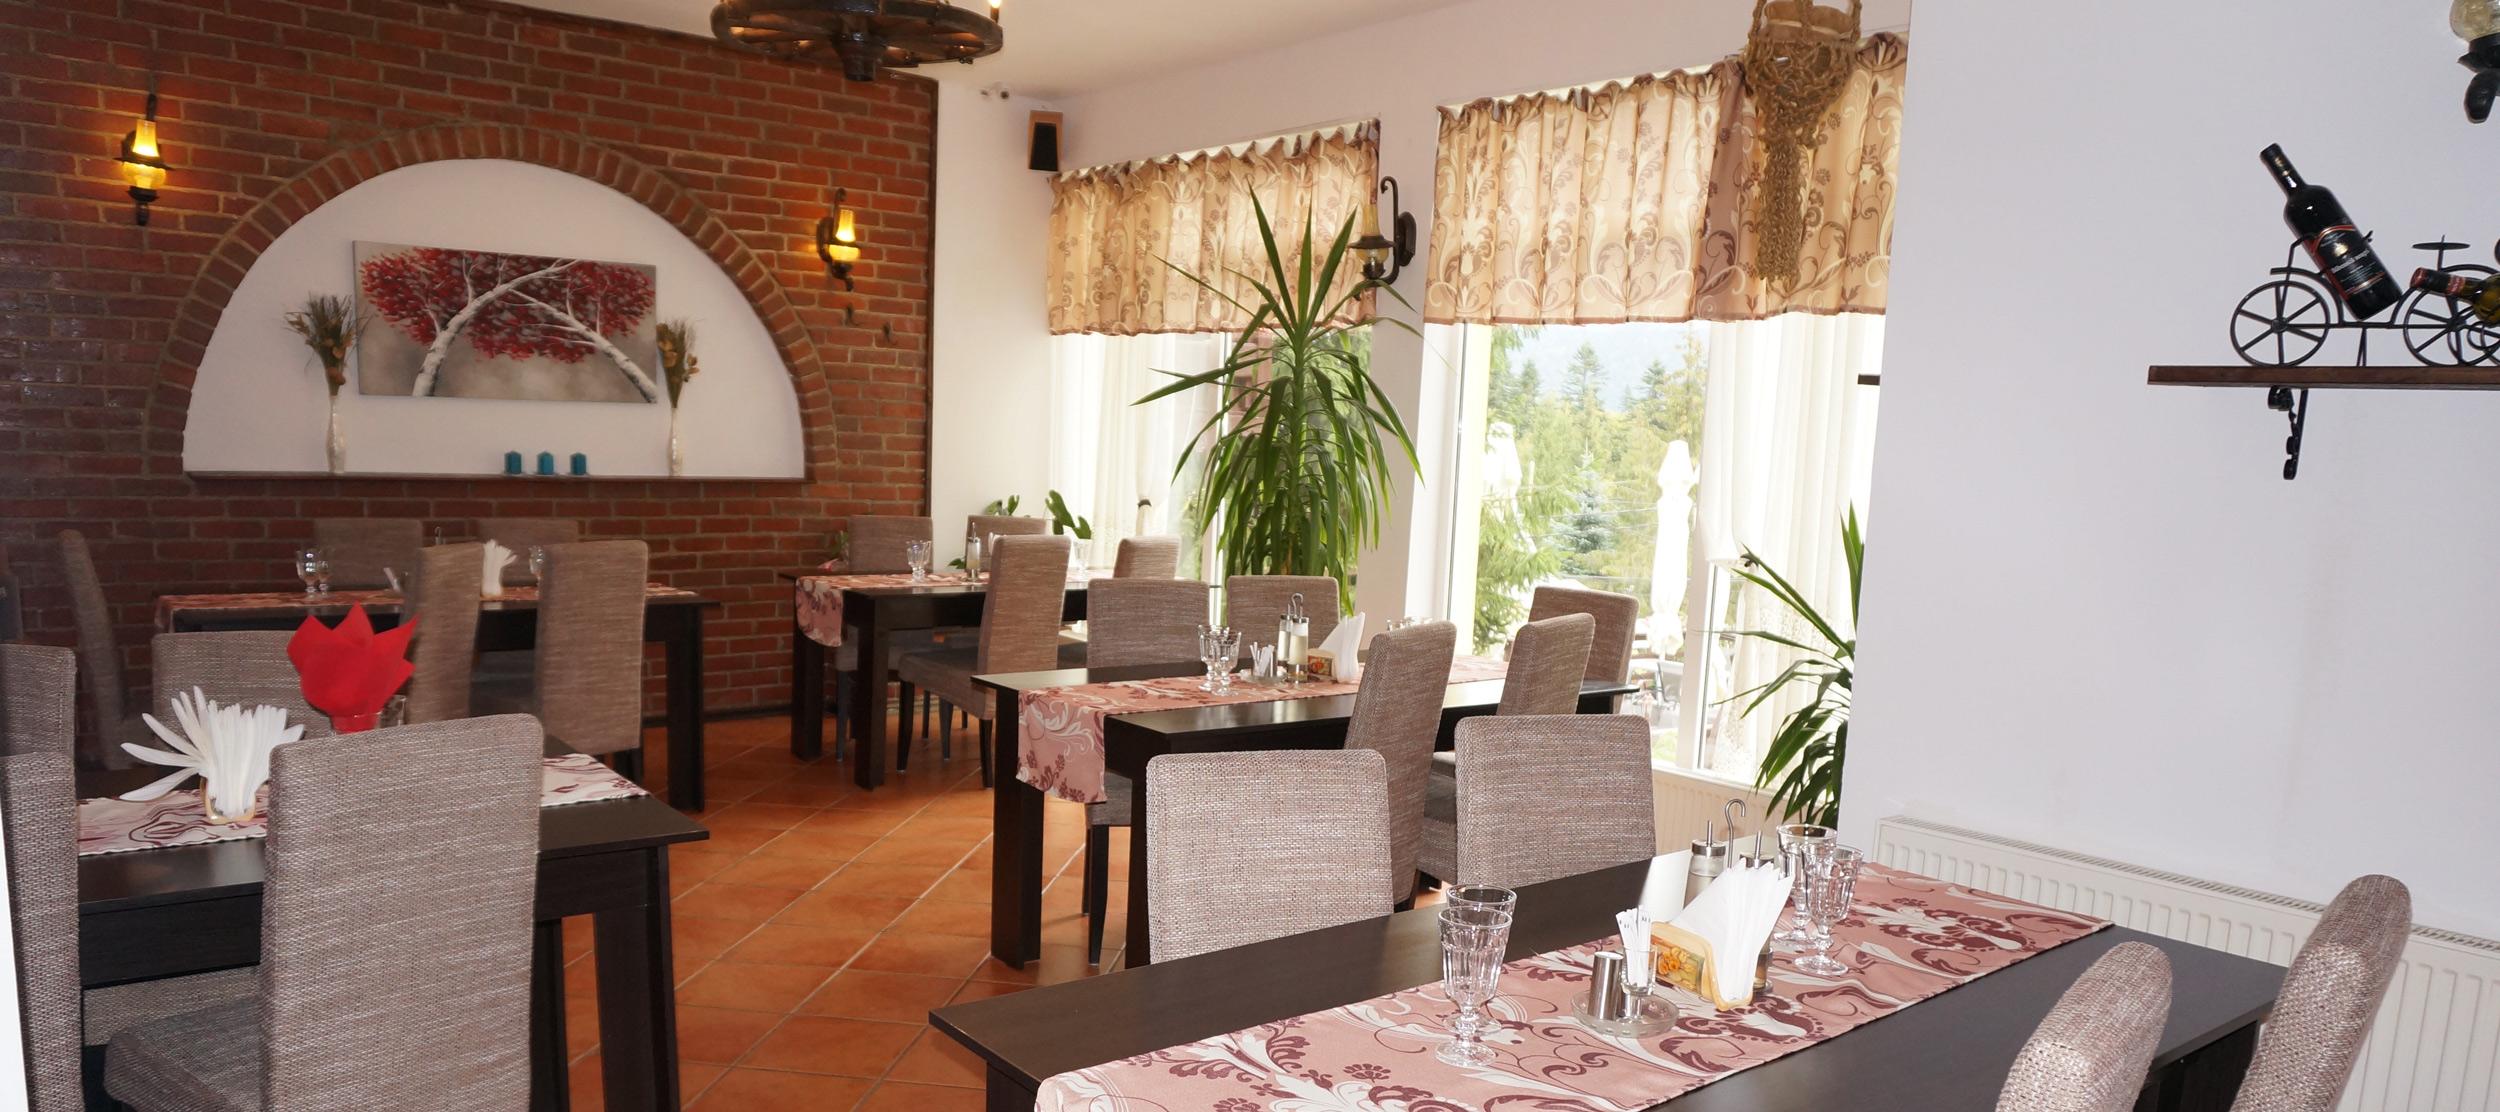 Pensiune – Restaurant Popasul Haiducilor | Sinaia